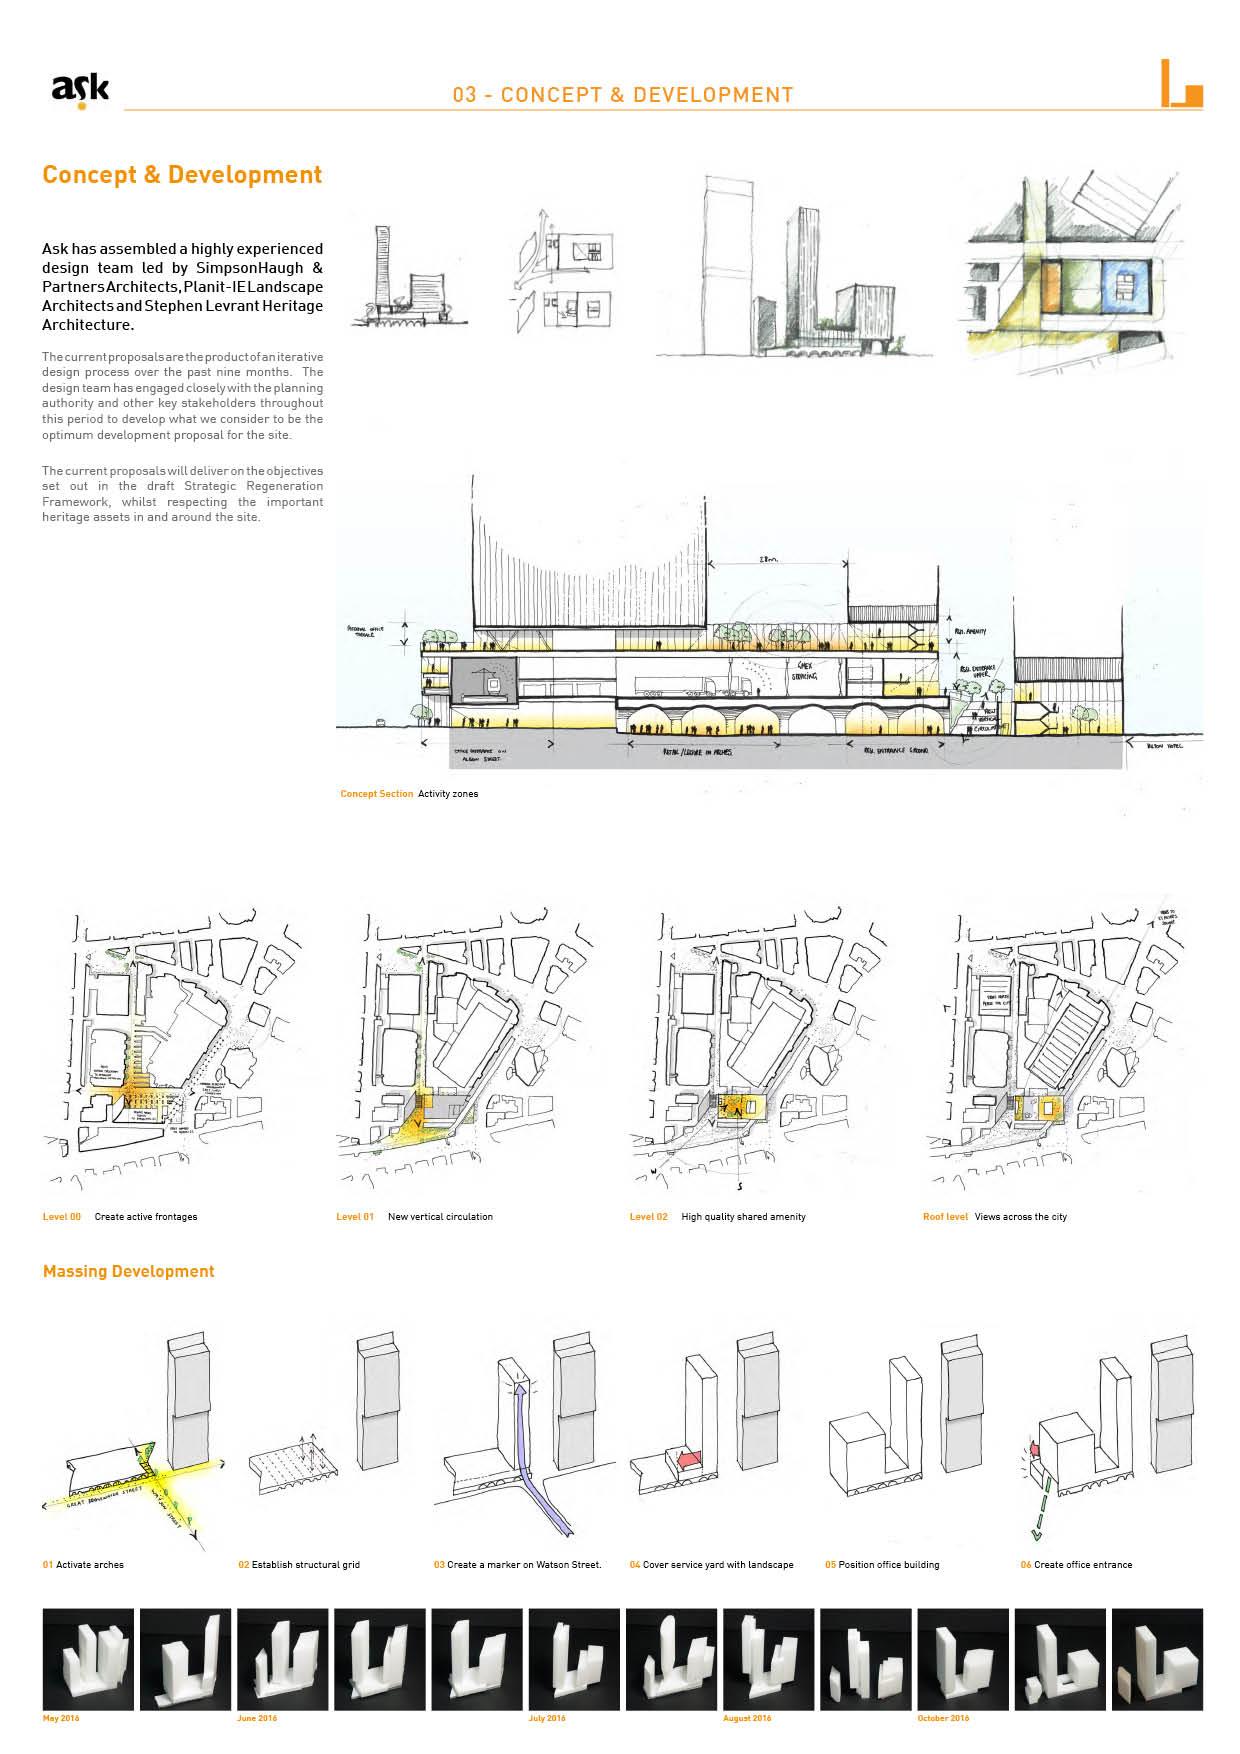 bauer_millet_consultation3.jpg